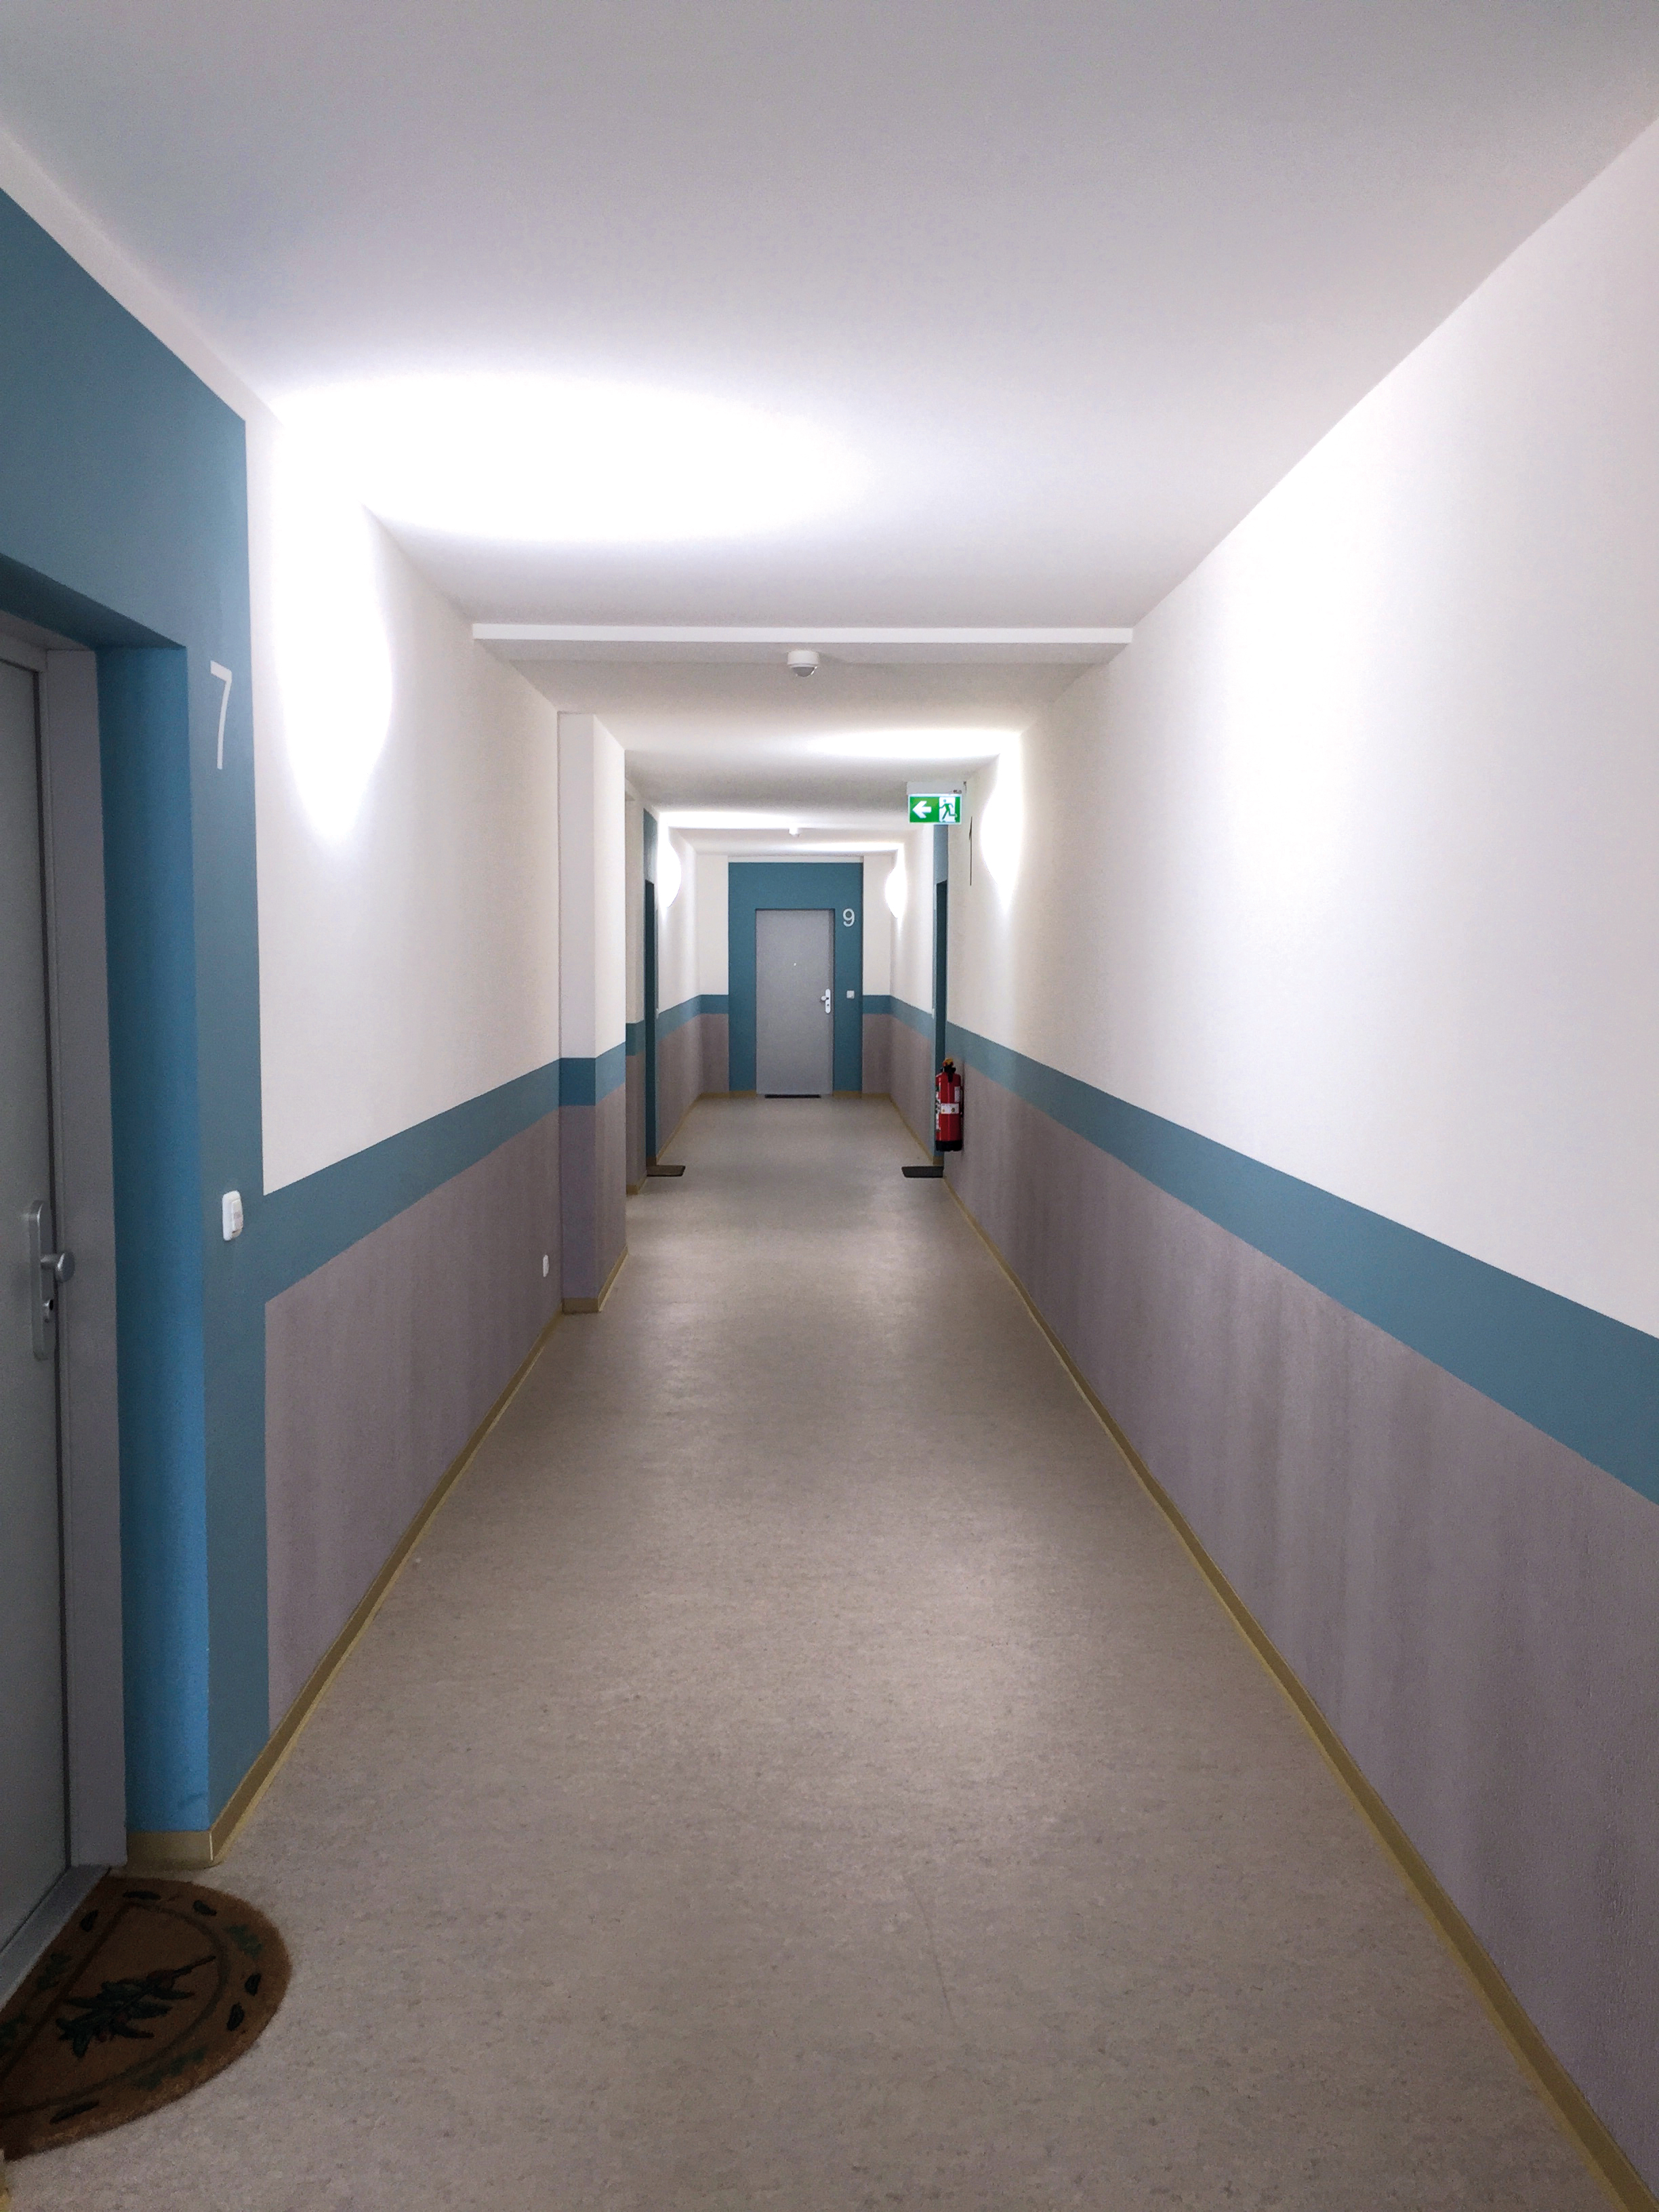 Mannheim, Hessische Straße, Flurgestaltung, Komplettsanierung, Alucobond-Fassade, MACON BAU GmbH Magdeburg